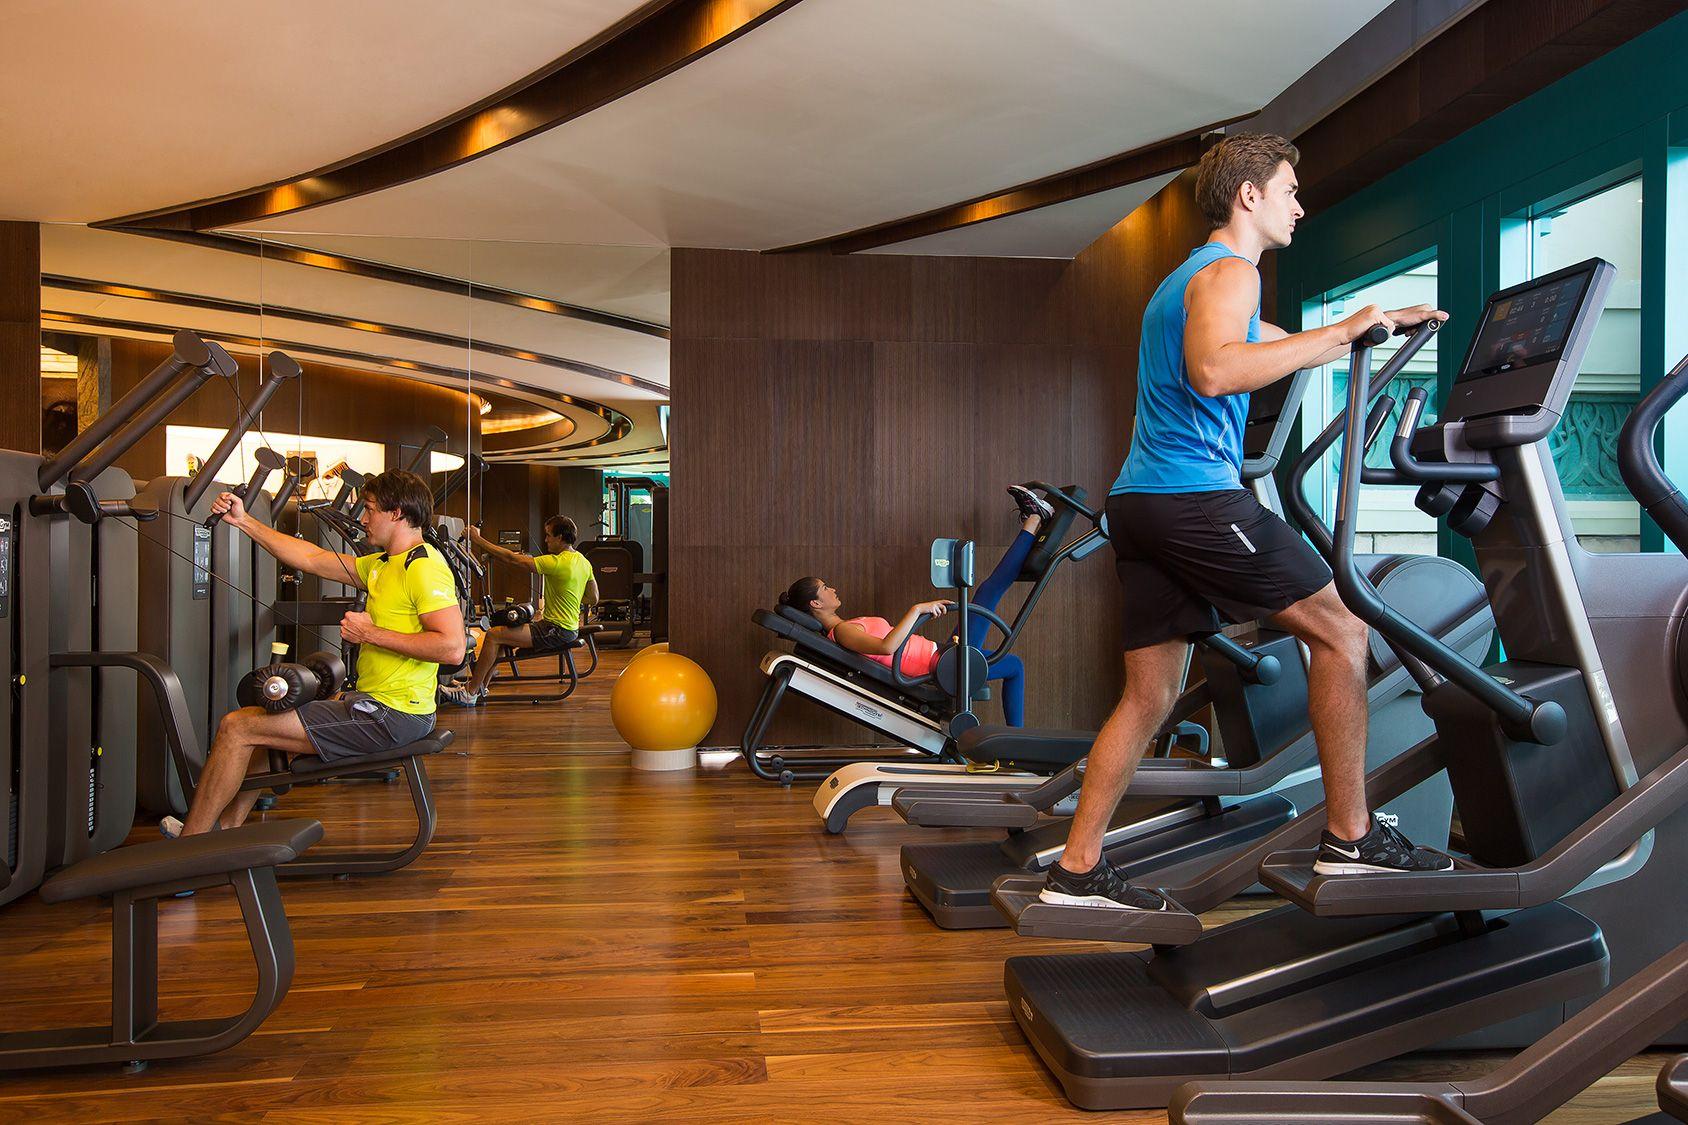 Владельцы фитнес-центров просят не ужесточать коронавирусные ограничения в их отношении